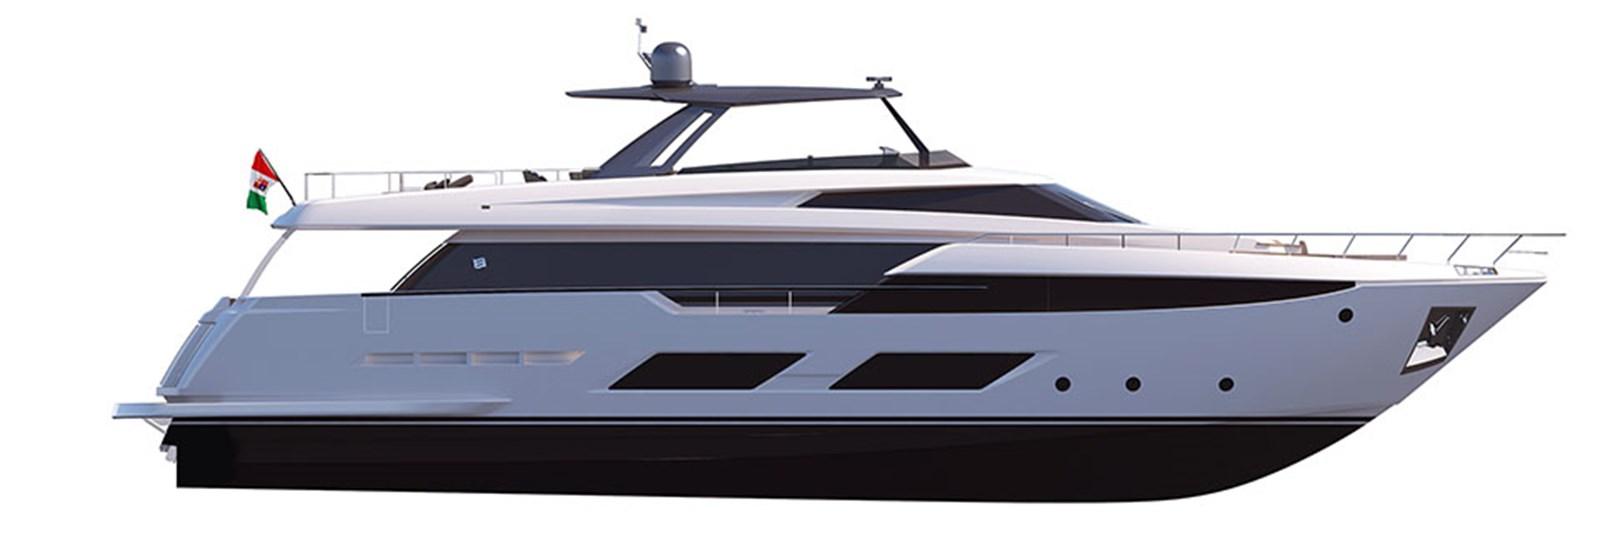 FerrettiYachts_920_Profile_40663 2020 FERRETTI YACHTS 920 HT Motor Yacht 2832904